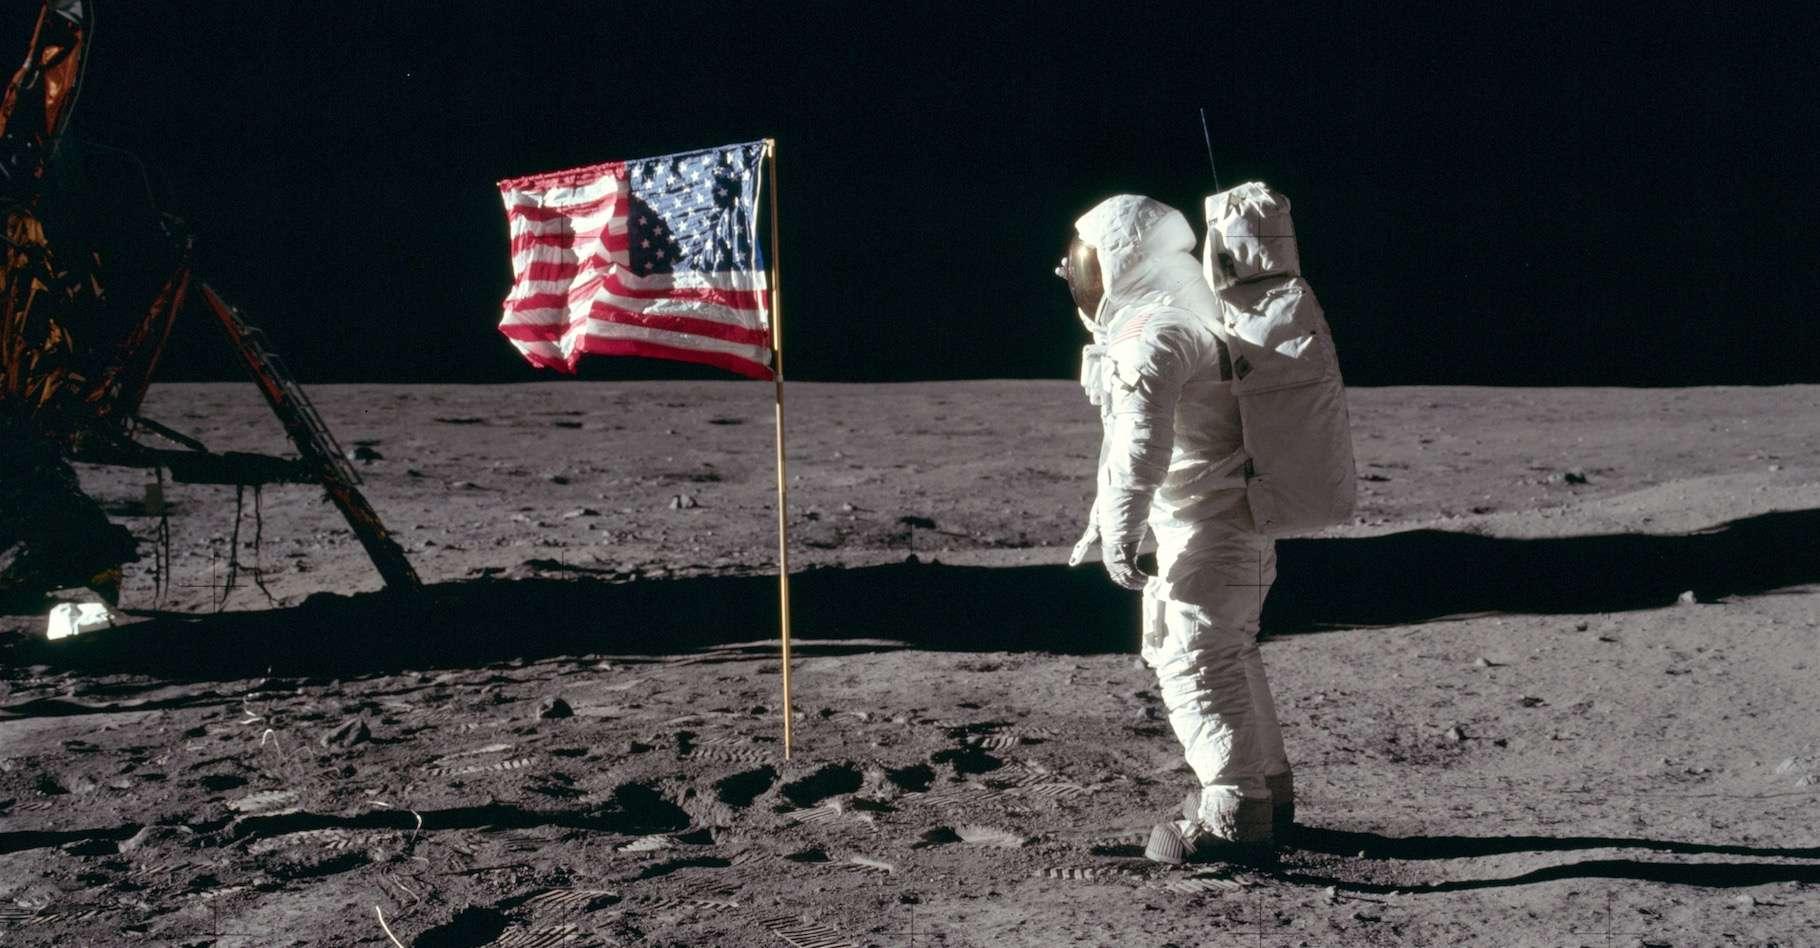 En juillet 1969, l'équipage d'Apollo 11 vivait un moment historique. À son retour sur Terre, les astronautes ont été mis en quarantaine. Ici, Buzz Aldrin près du drapeau américain. © Nasa